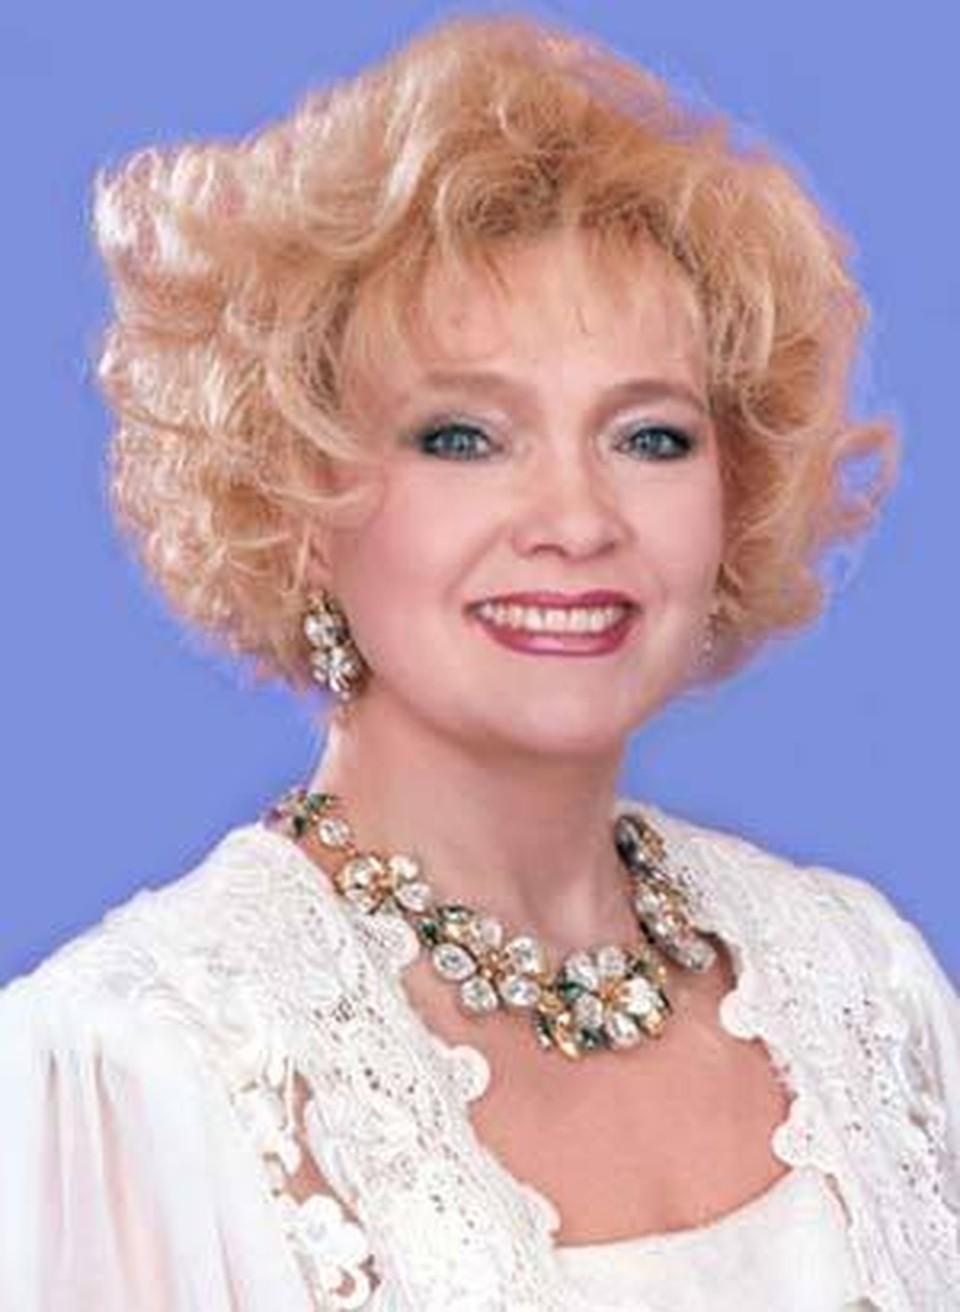 Екатерина Шаврина хочет в Тамбов